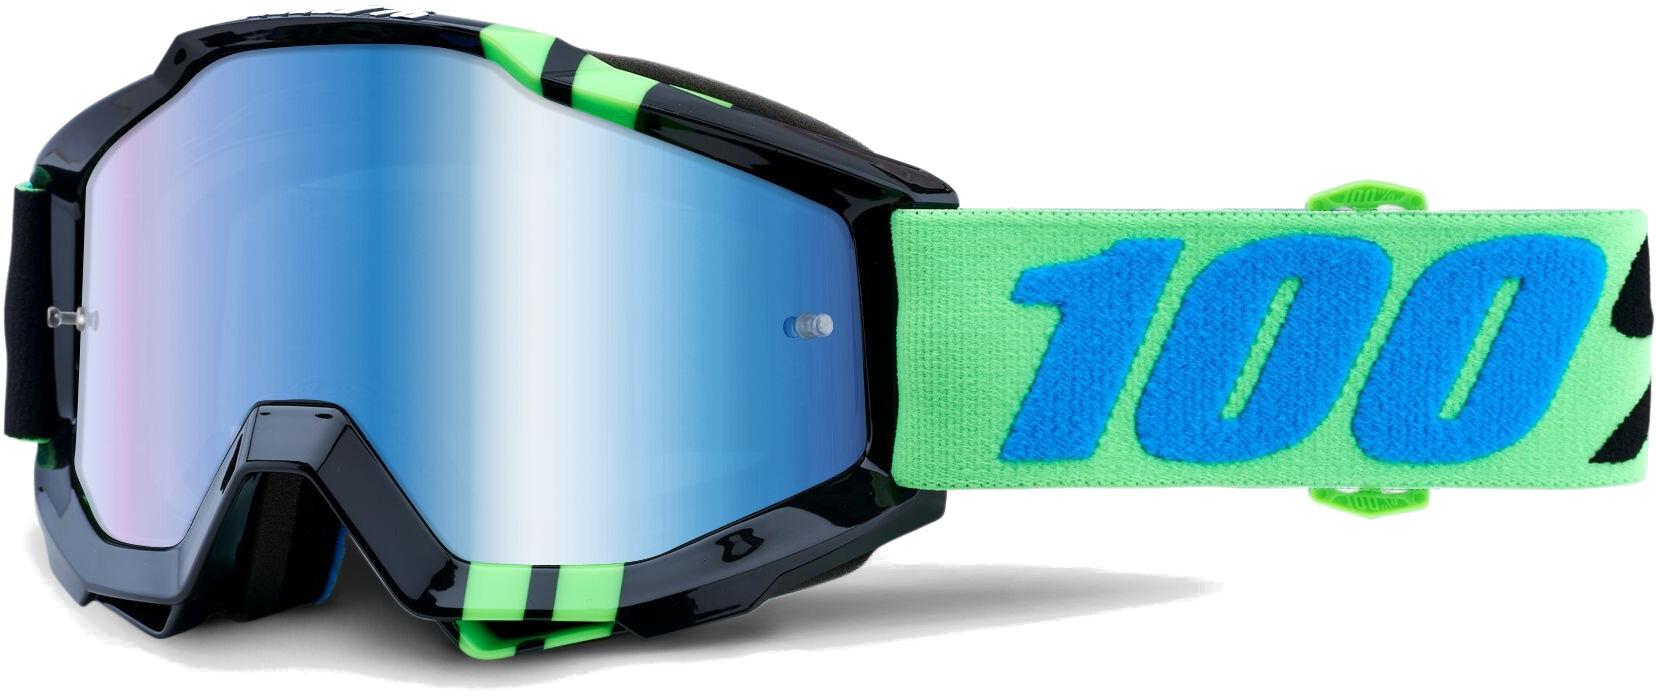 100% Accuri Anti Fog Mirror Goggles, zerg (2019) | Glasses